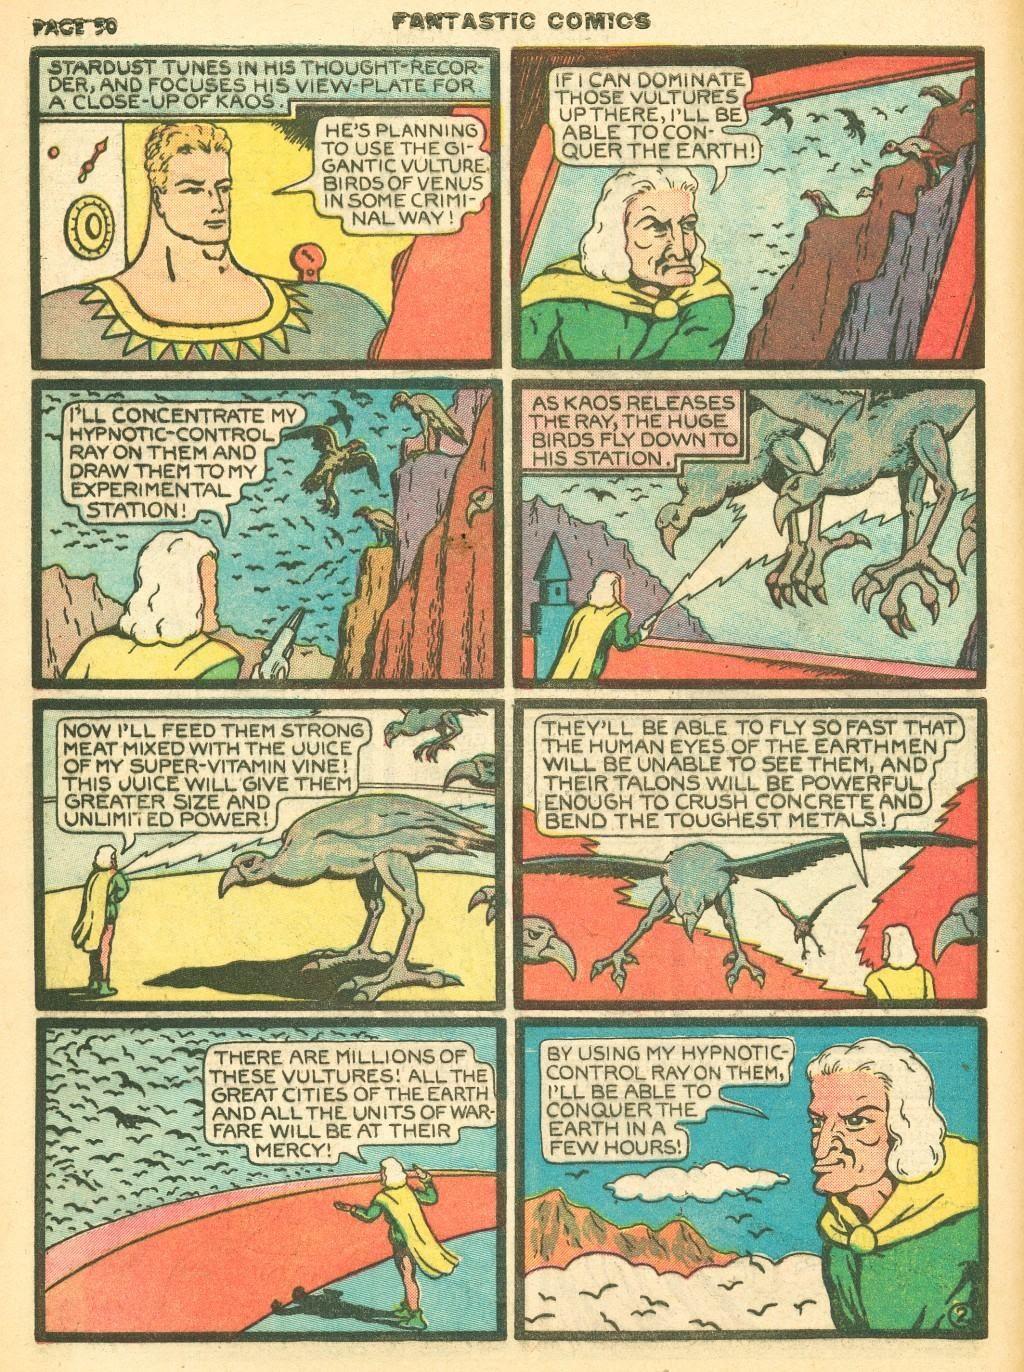 Read online Fantastic Comics comic -  Issue #12 - 52